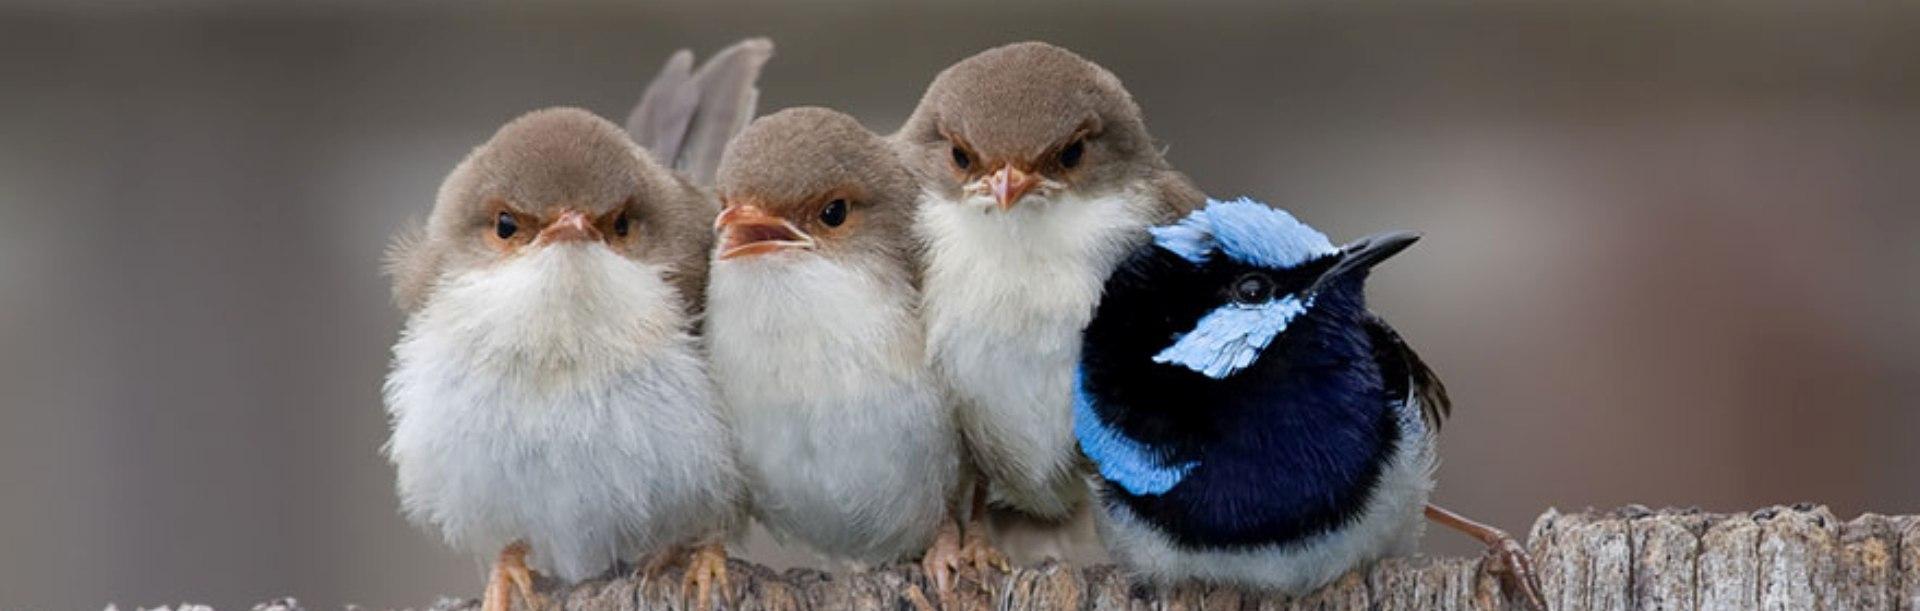 Fotografii superbe – cum se încălzesc păsările când le este frig